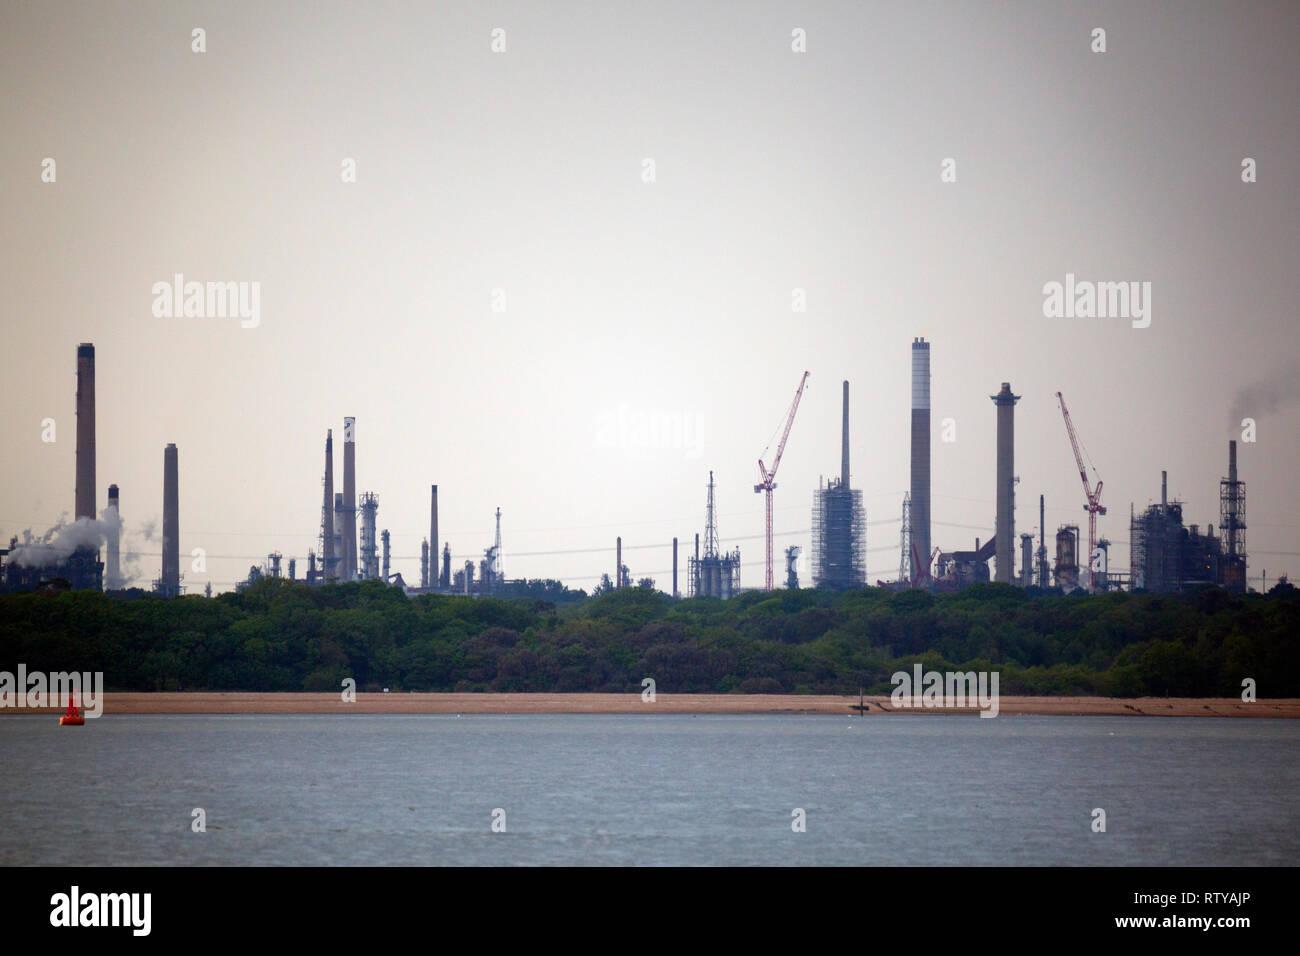 Le Solent, huile de Fawley, fissuration de la raffinerie,tours,cheminée,grues,cheminées,flammes, New Forest, Hampshire, Île de Wight, Angleterre, Royaume-Uni, silhouette, Photo Stock